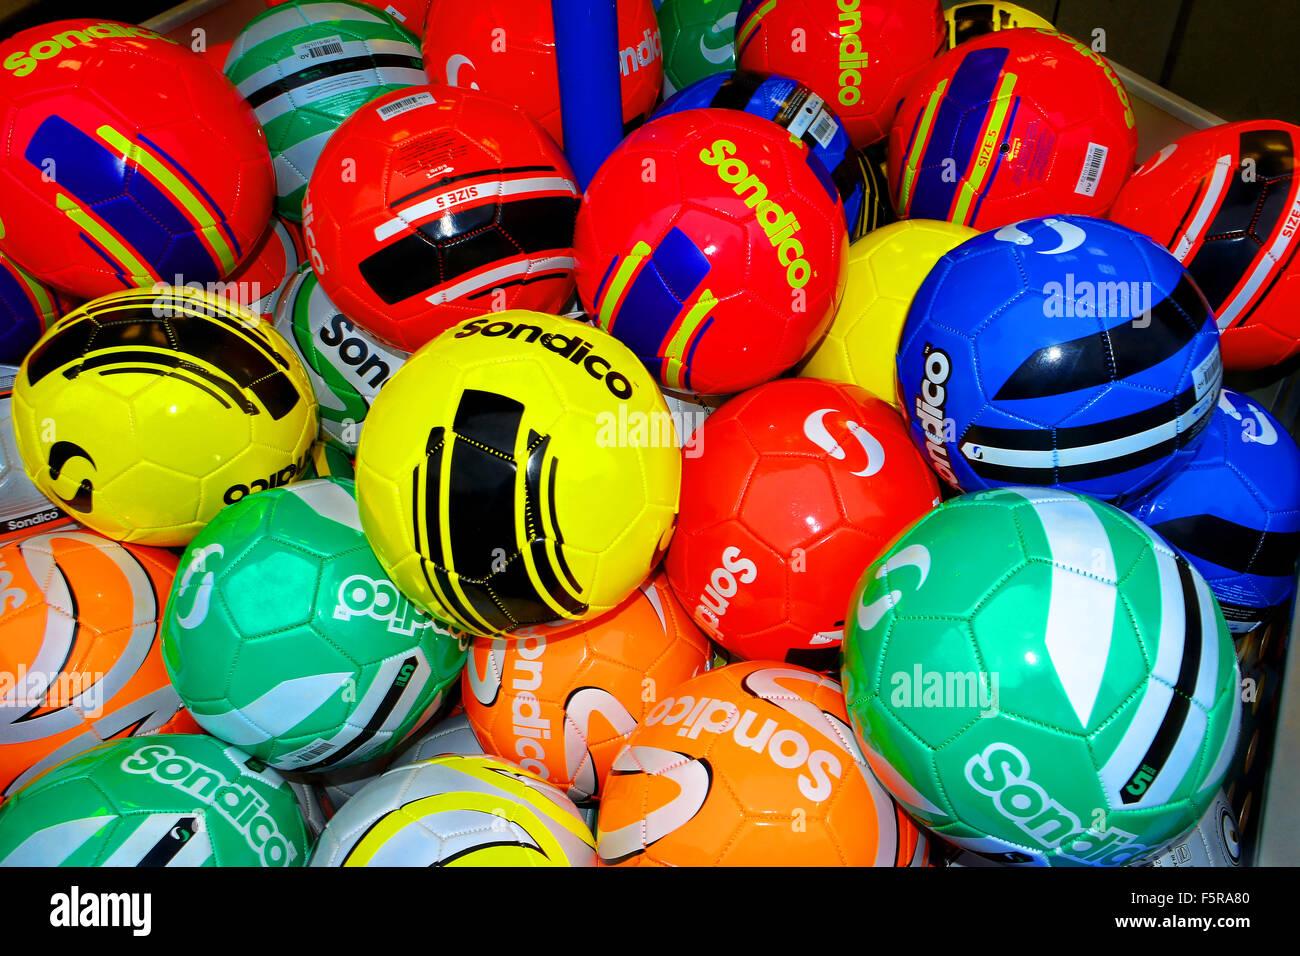 Ballons multicolores, rouge, vert, bleu, jaune, orange Banque D'Images